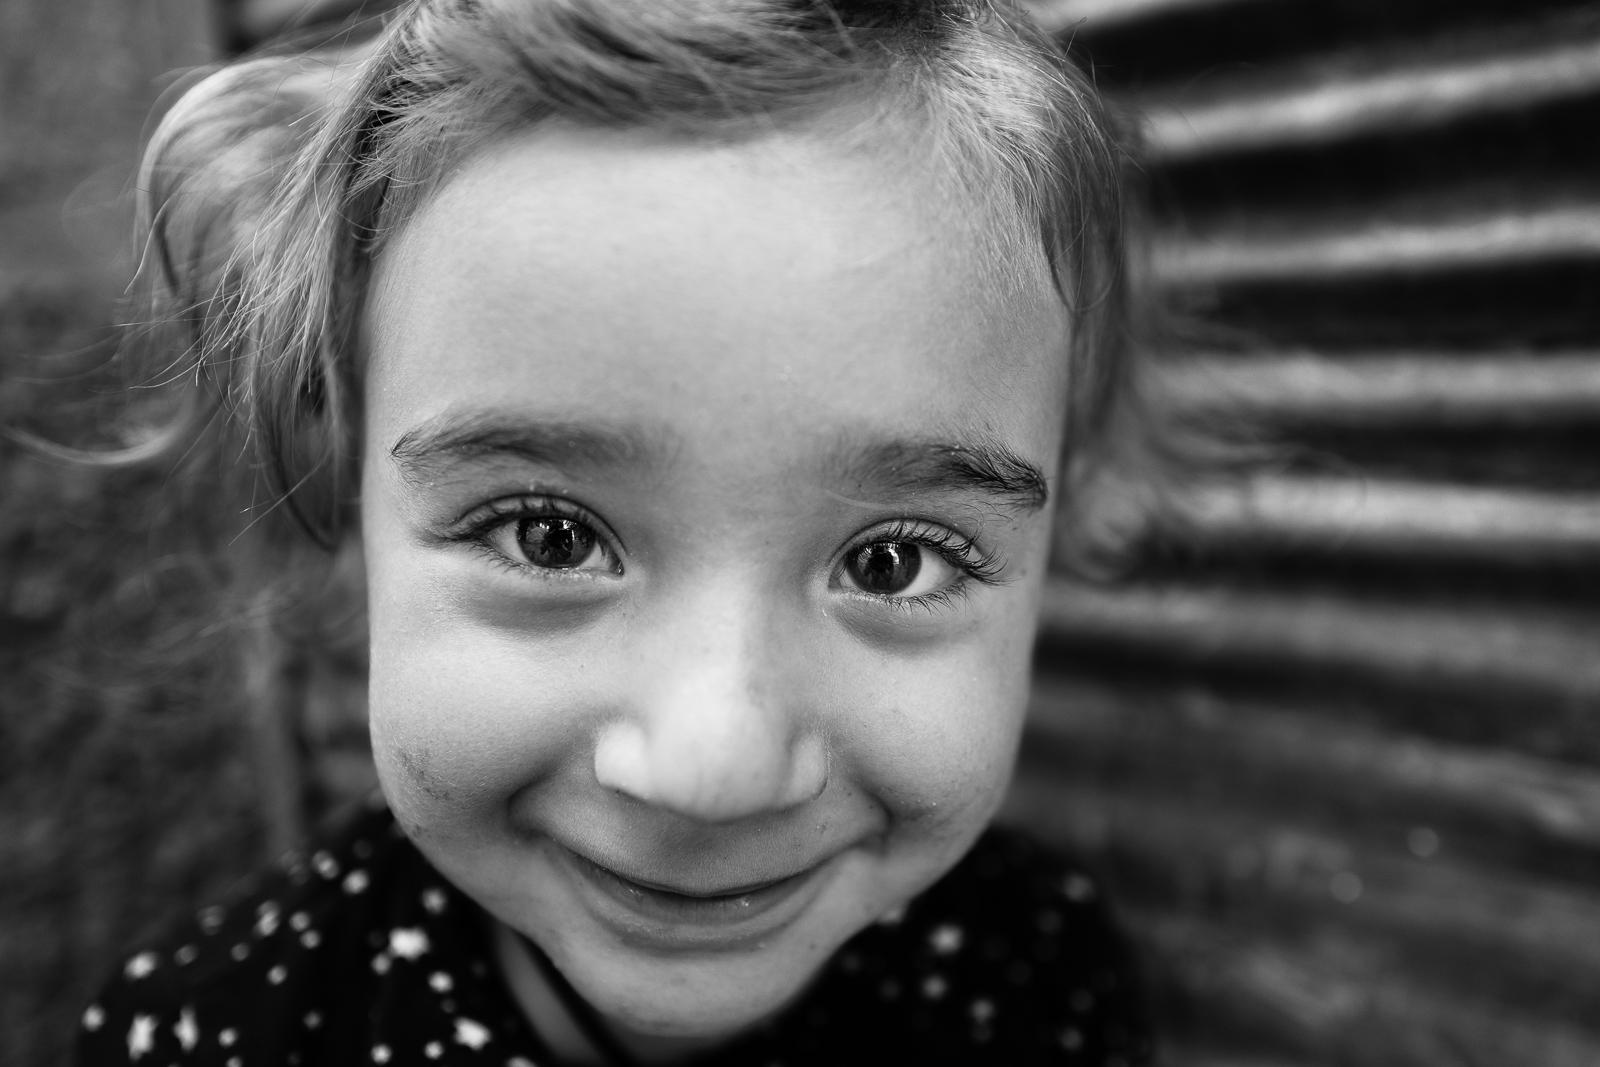 Little Kurdish girl in Diyarbakir (Turkey) old city.